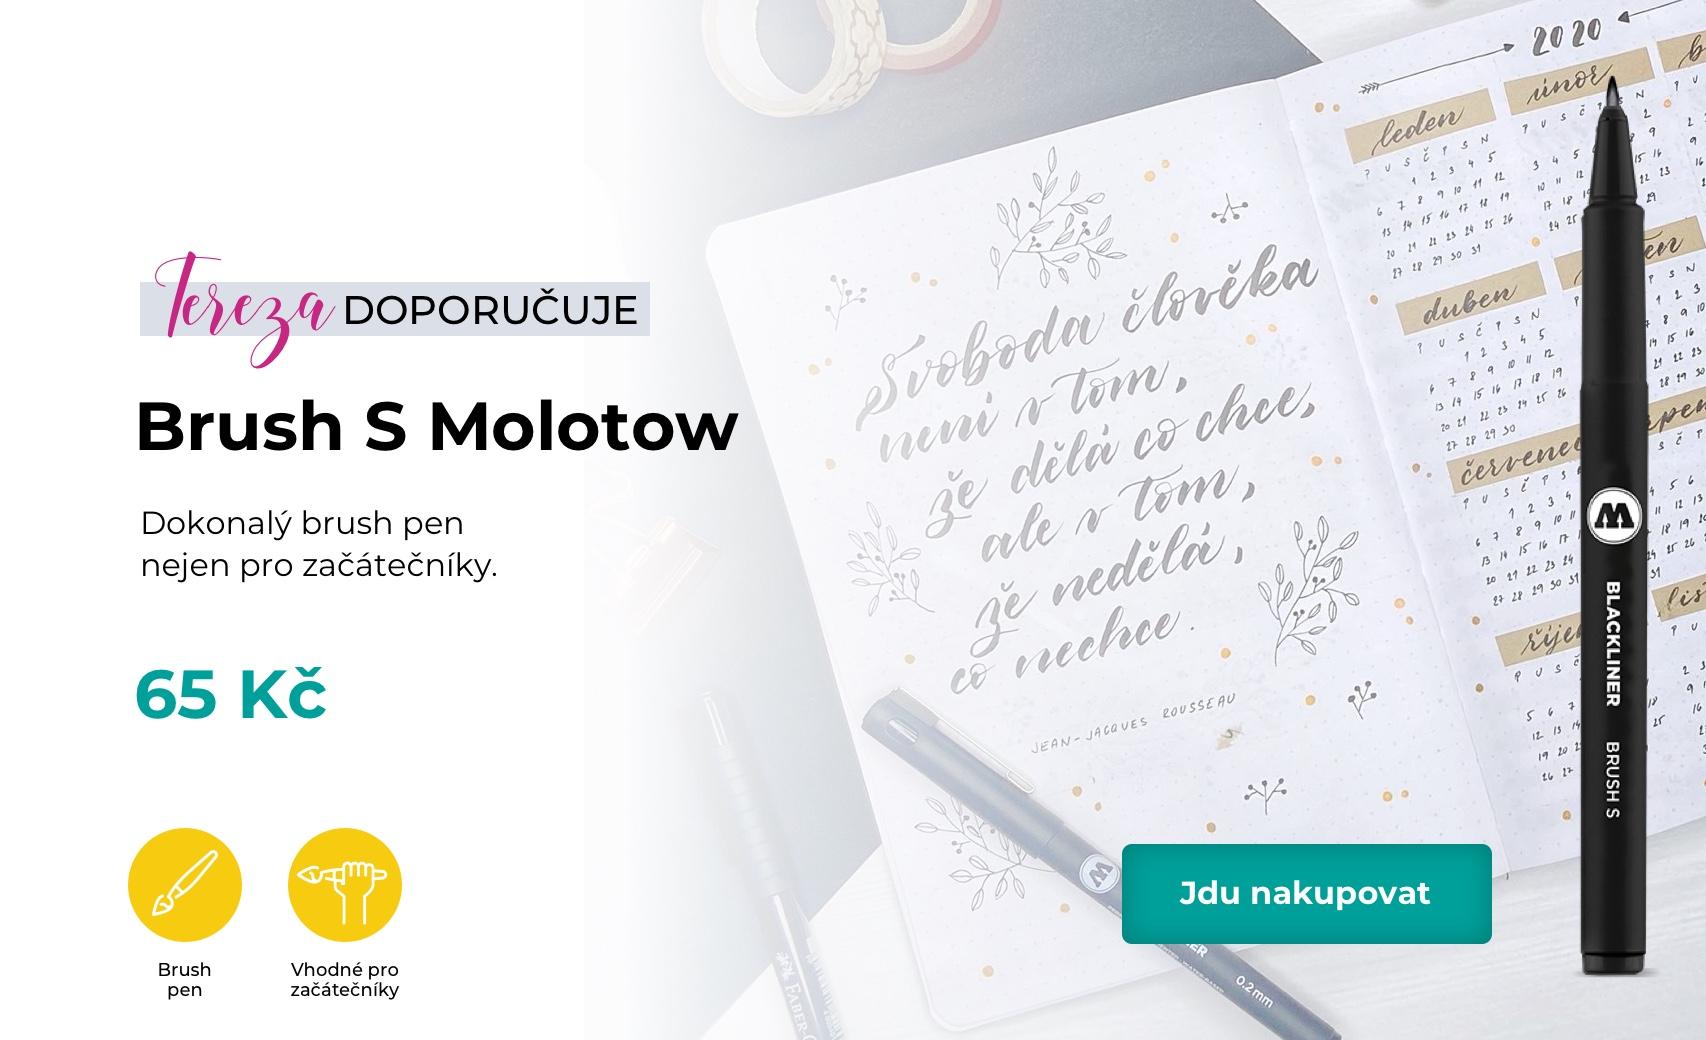 Brush S Molotow je dokonalý brush pen  nejen pro začátečníky.